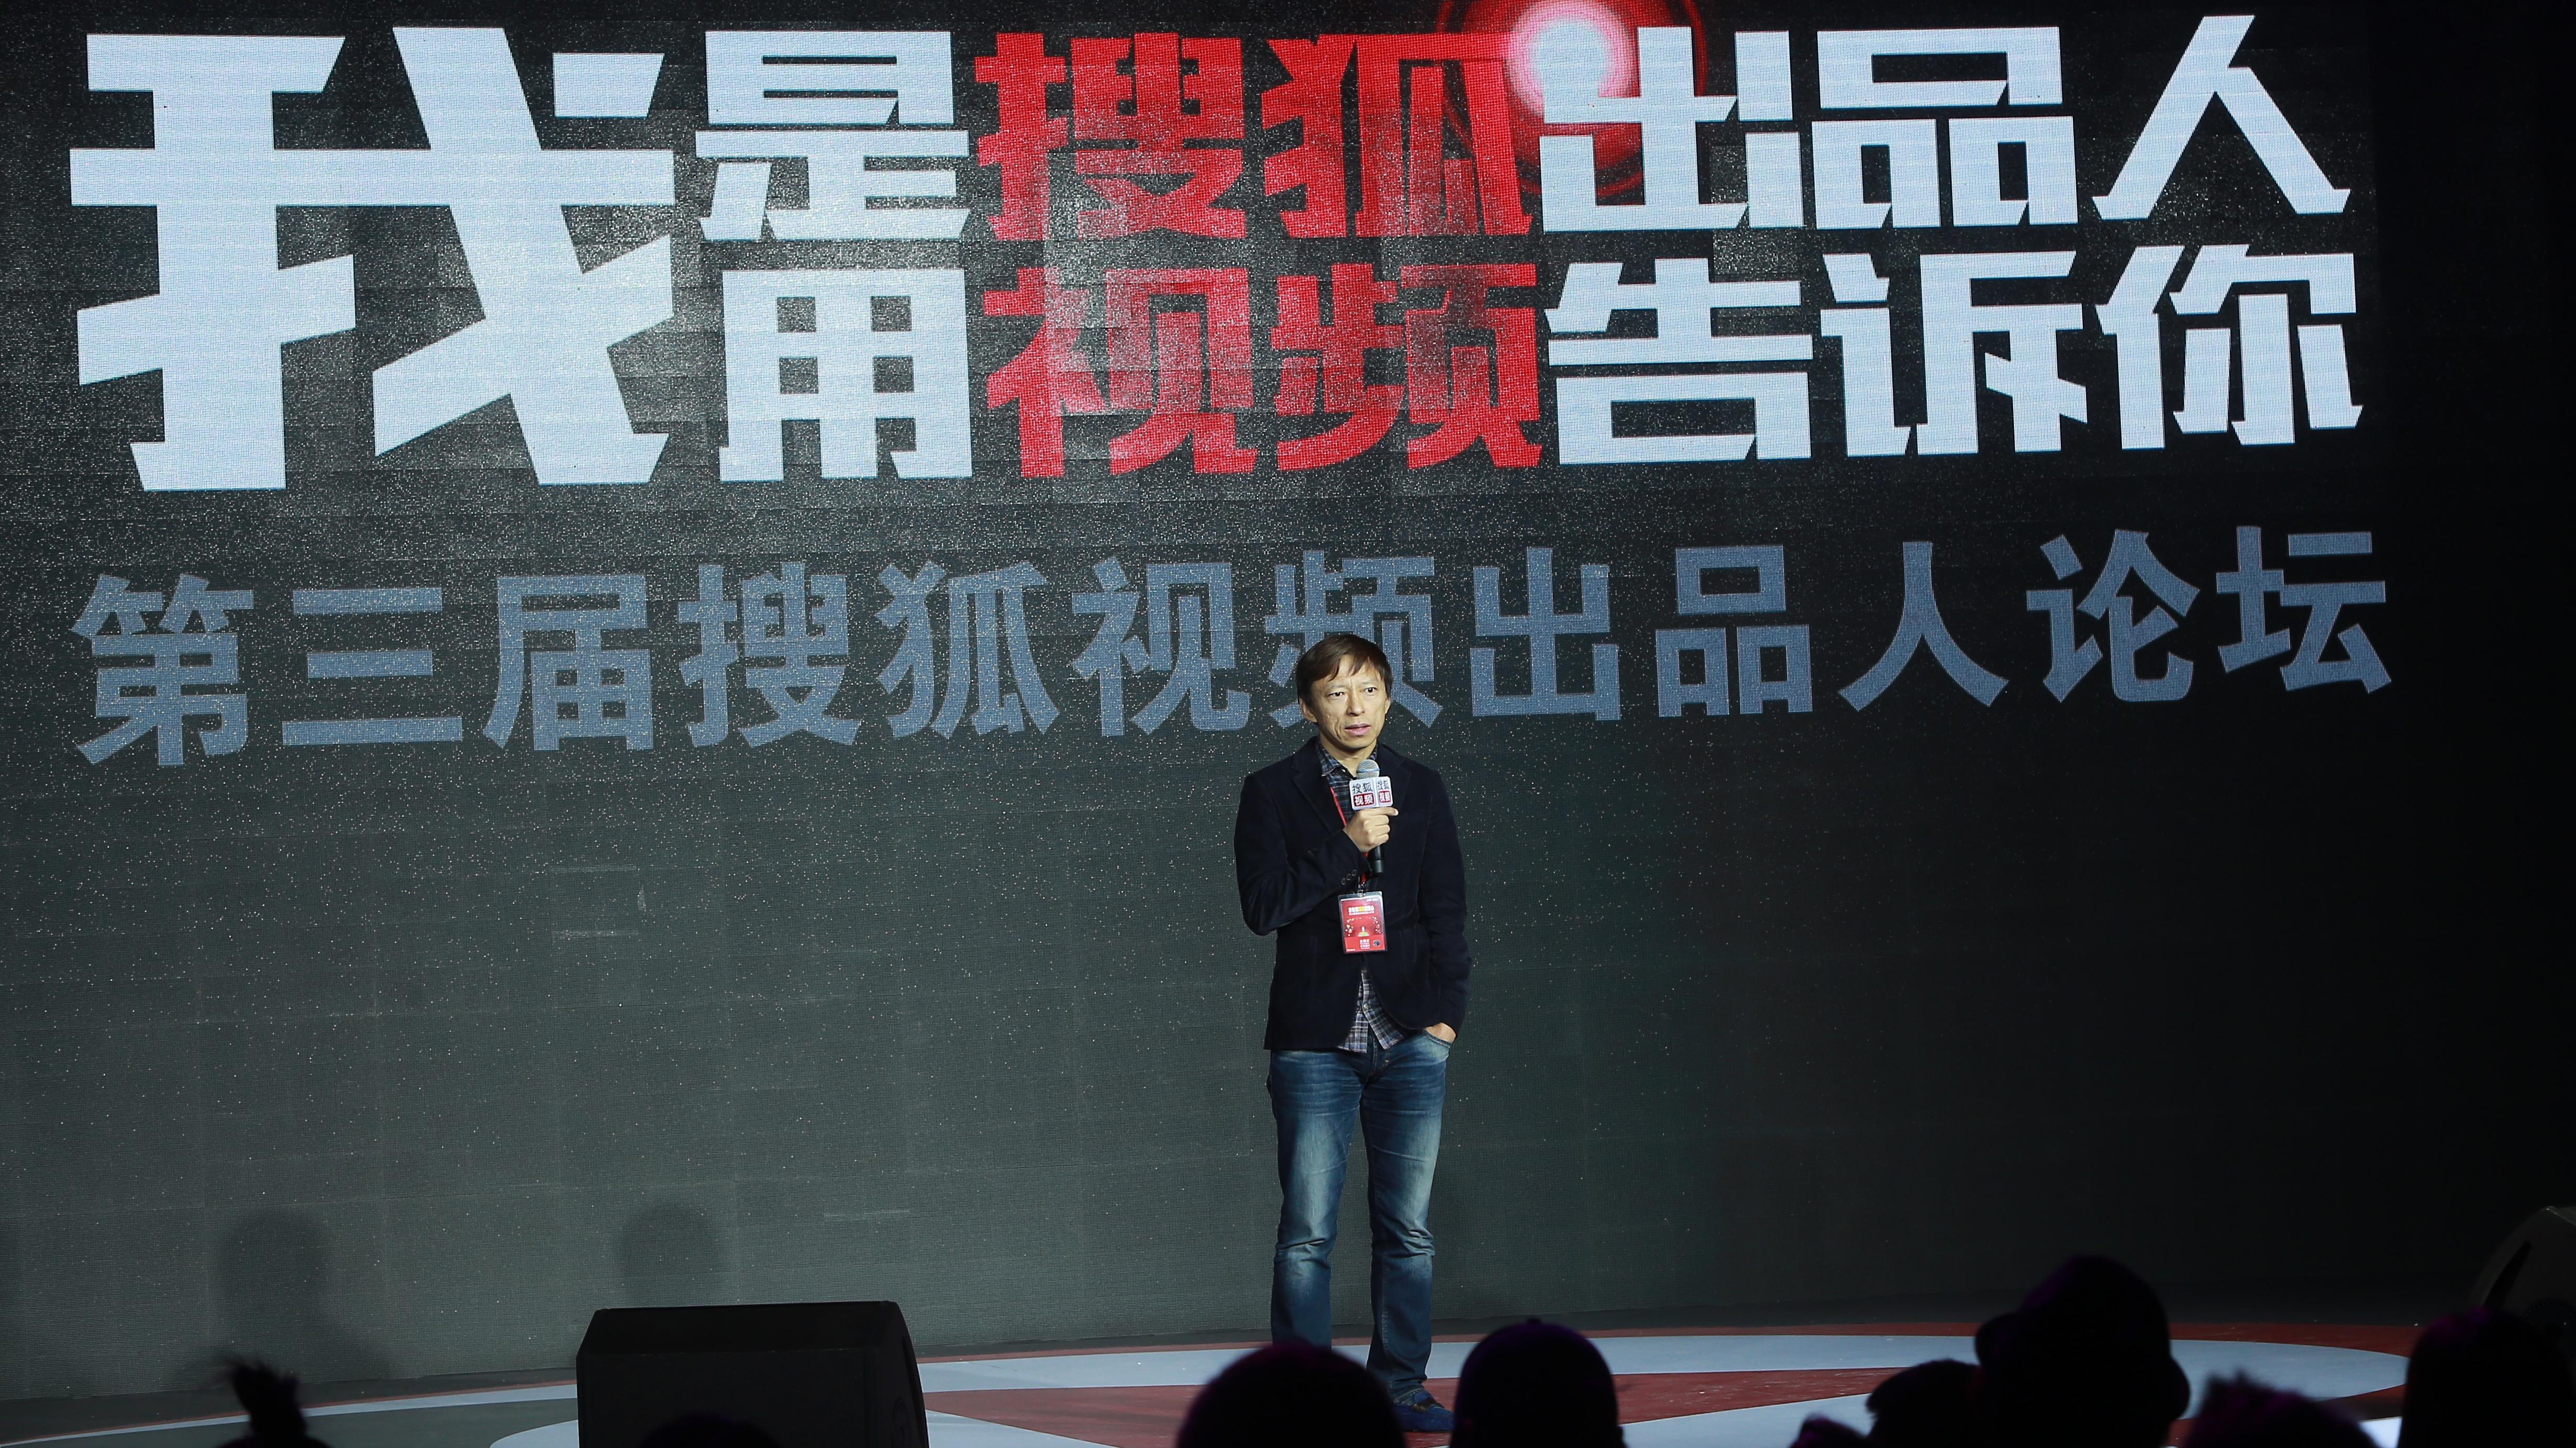 搜狐张朝阳:我们在下一盘好棋 未来将重新爆发